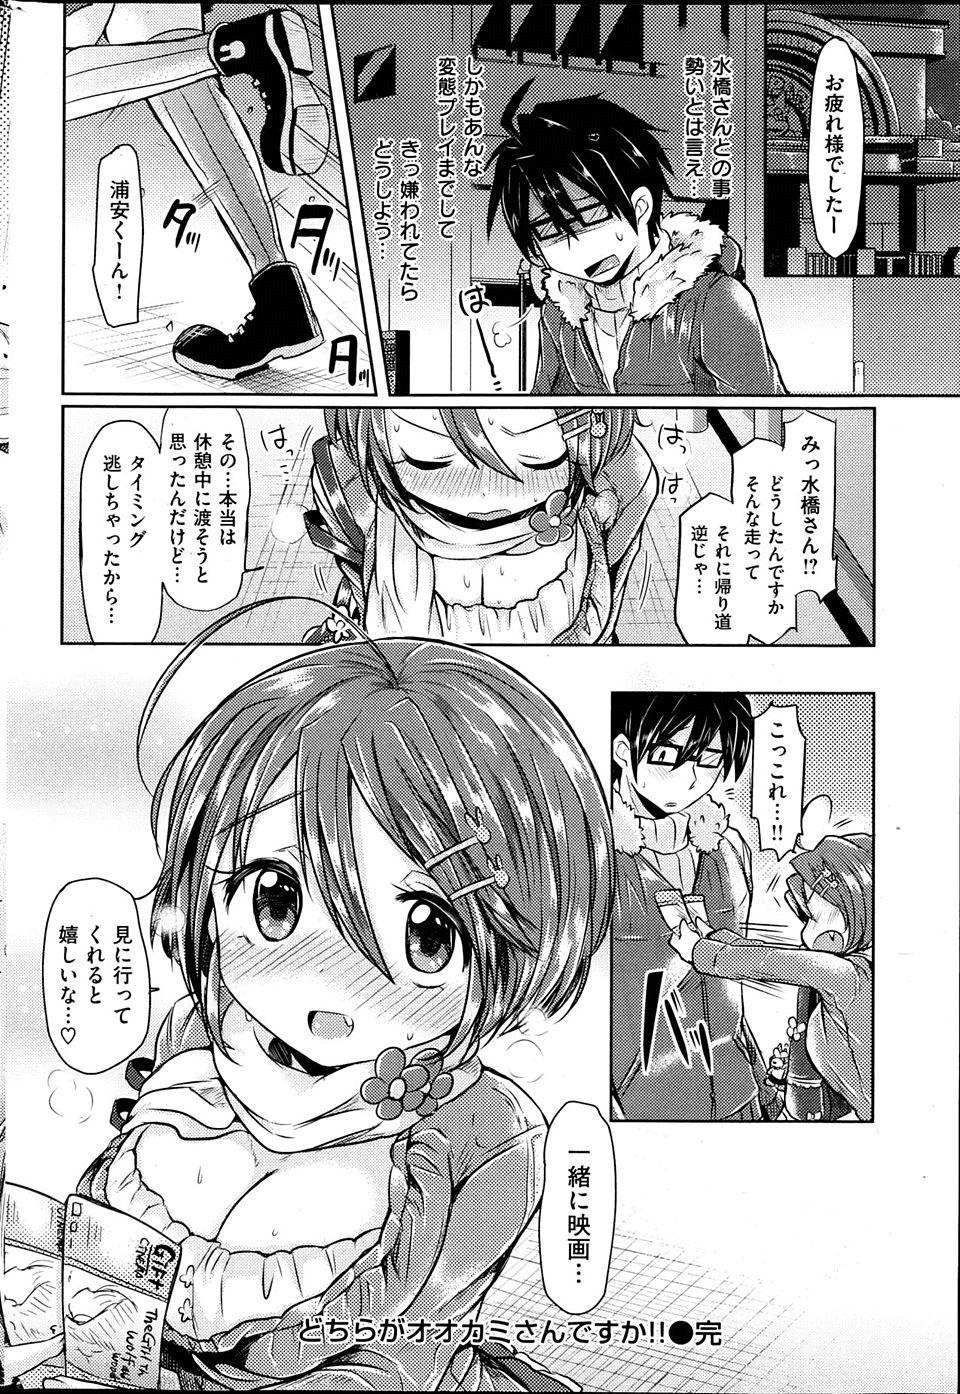 【エロ漫画・エロ同人】着ぐるみ着て汗だくの巨乳娘を舐め回すwww (16)